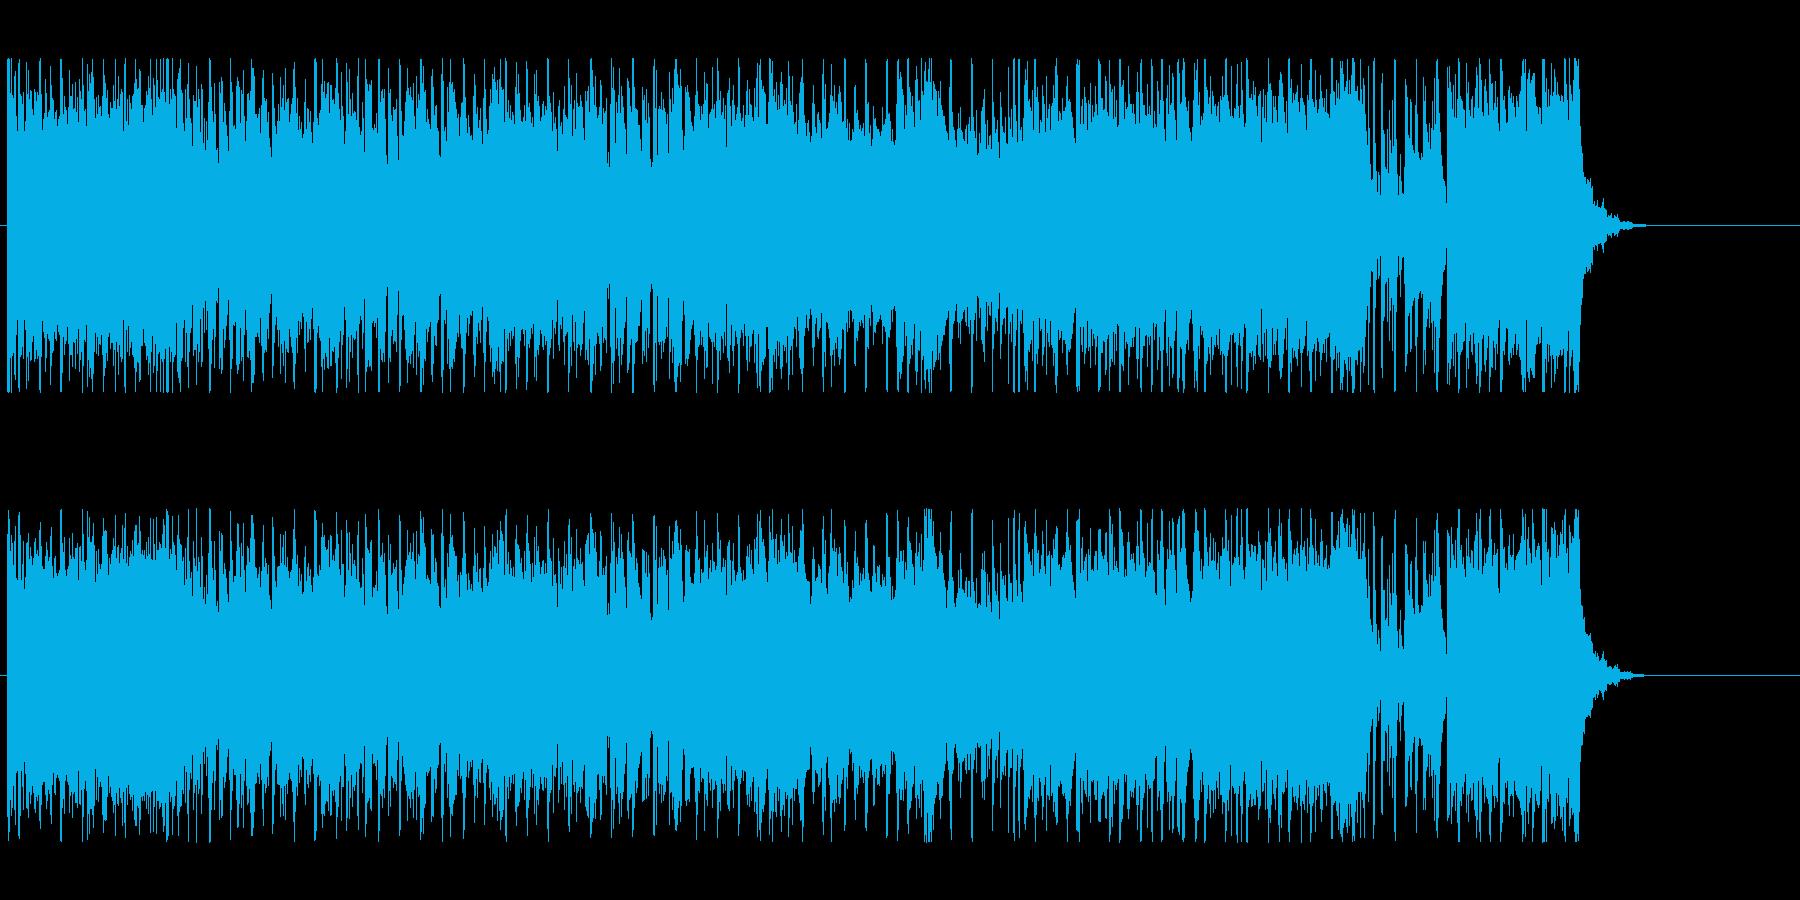 激しくスピード感のあるテクノロックの再生済みの波形